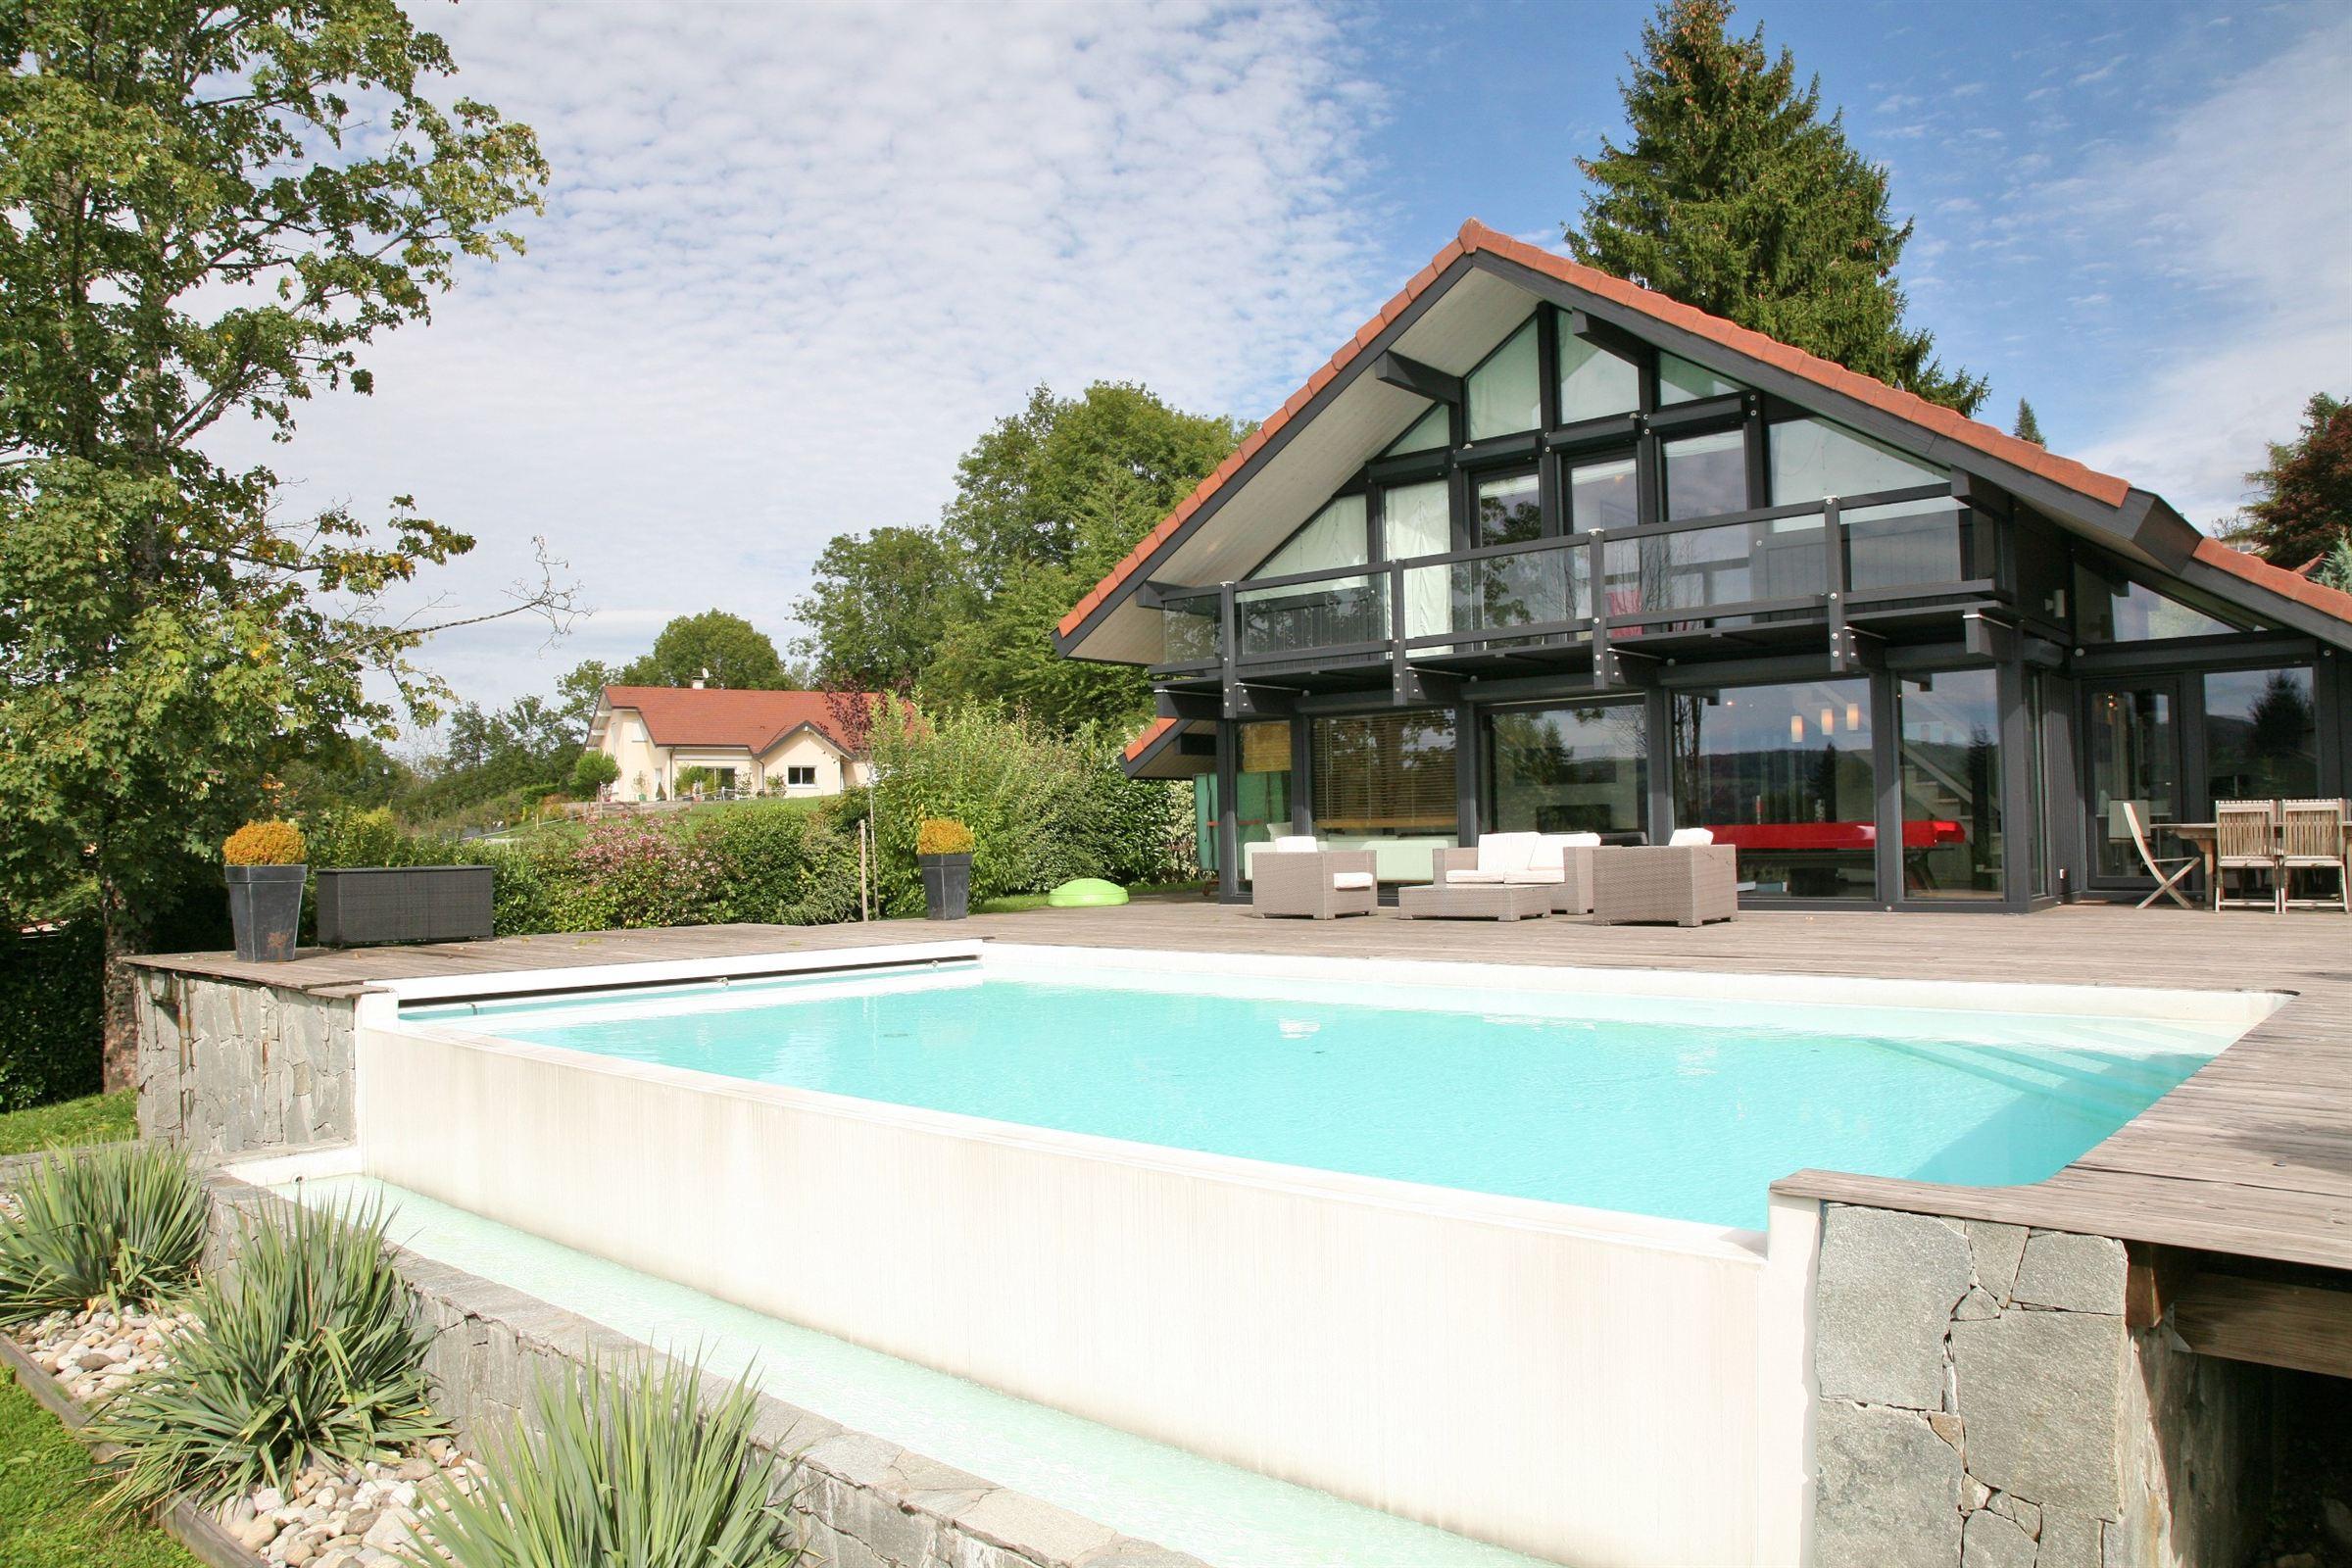 Tek Ailelik Ev için Satış at Property Other Rhone-Alpes, Rhone-Alpes, 74370 Fransa